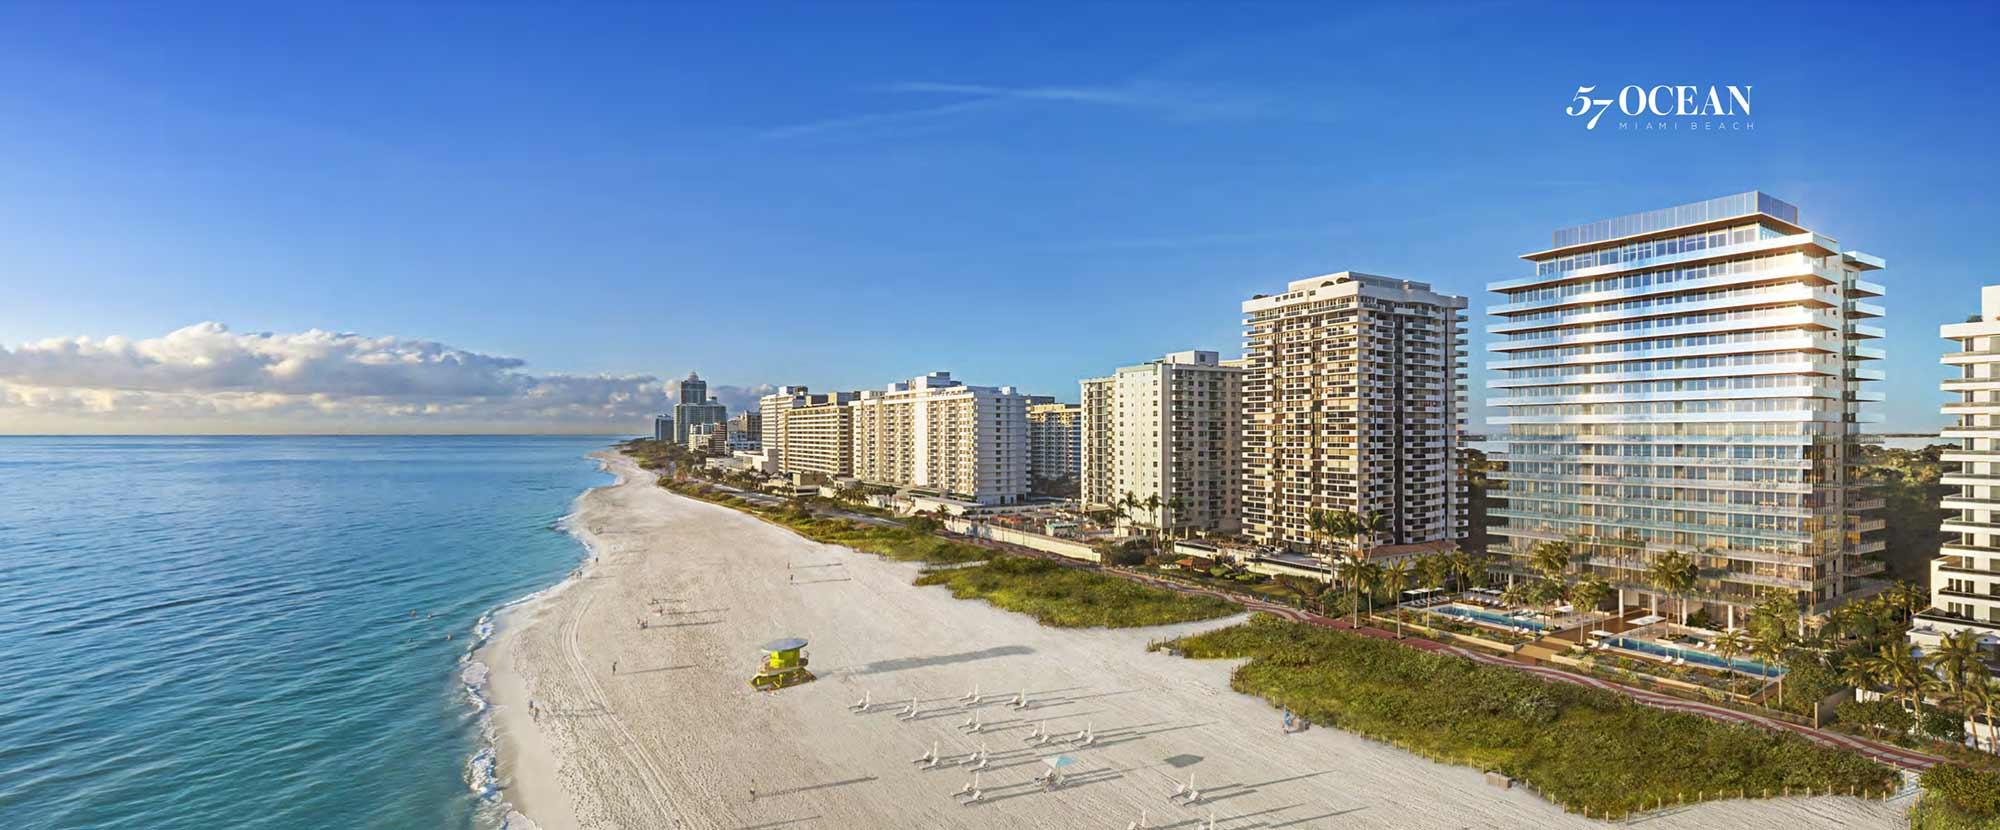 57Ocean-Miami-Beach-beach